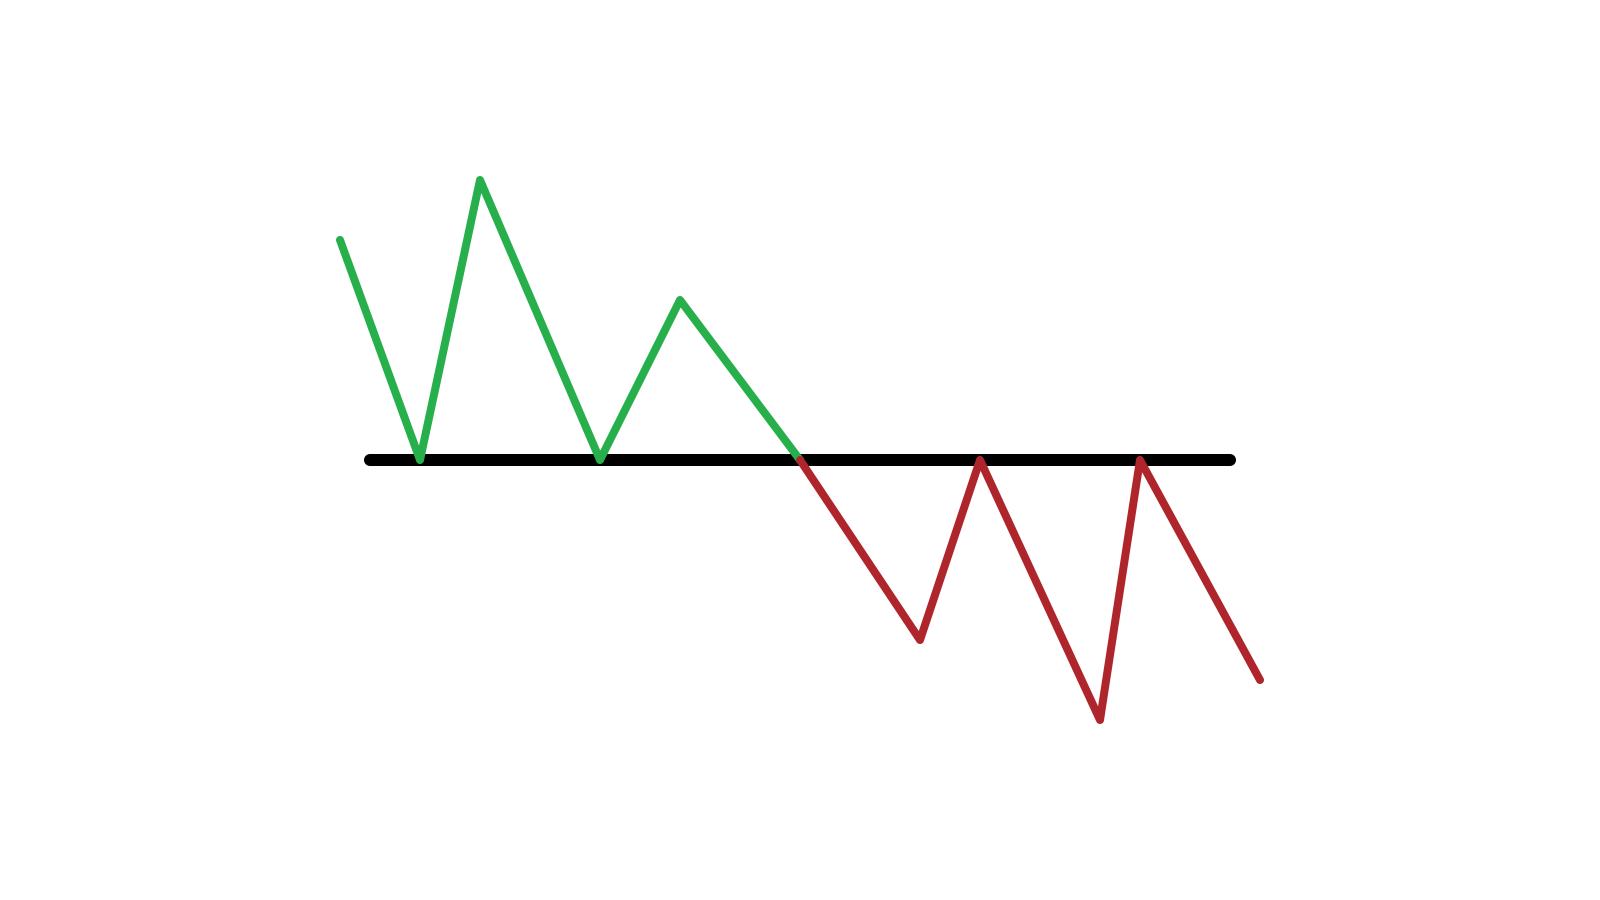 Guia para identificar quando o preço deseja escapar do suporte / resistência no Olymp Trade e as ações a serem tomadas